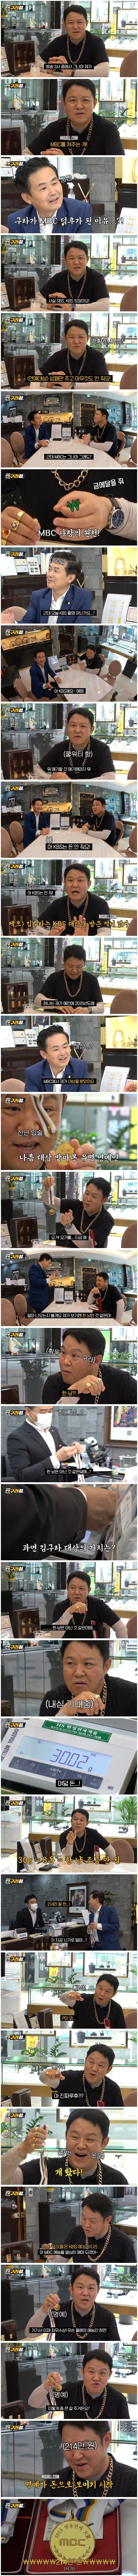 김구라가 MBC 덕후가 된 이유.JPG